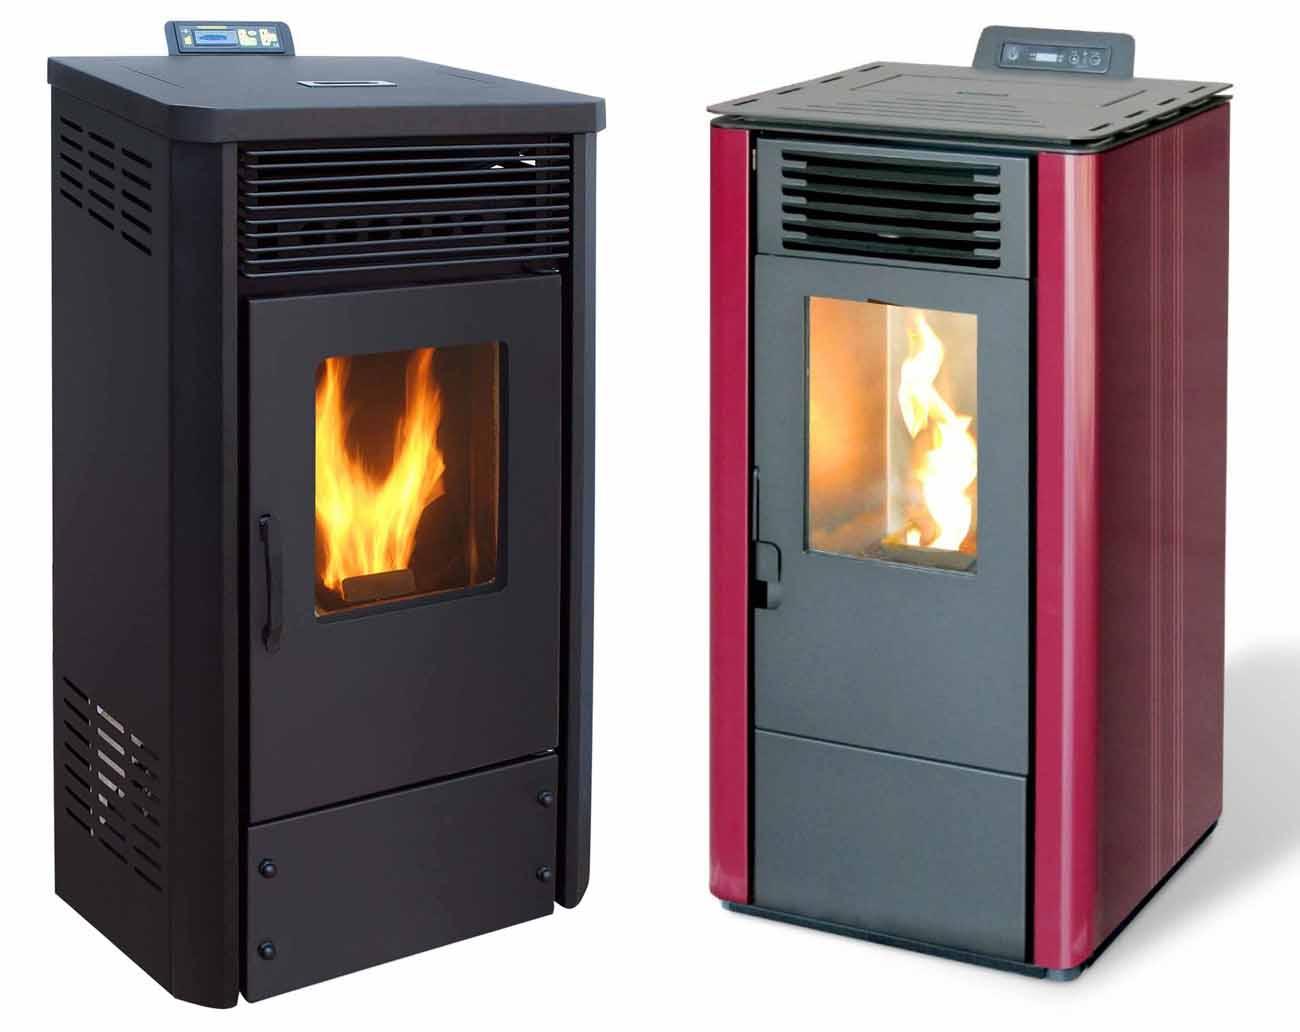 Speciale riscaldamento come risparmiare sull acquisto di for Stufe pirolitiche per riscaldamento